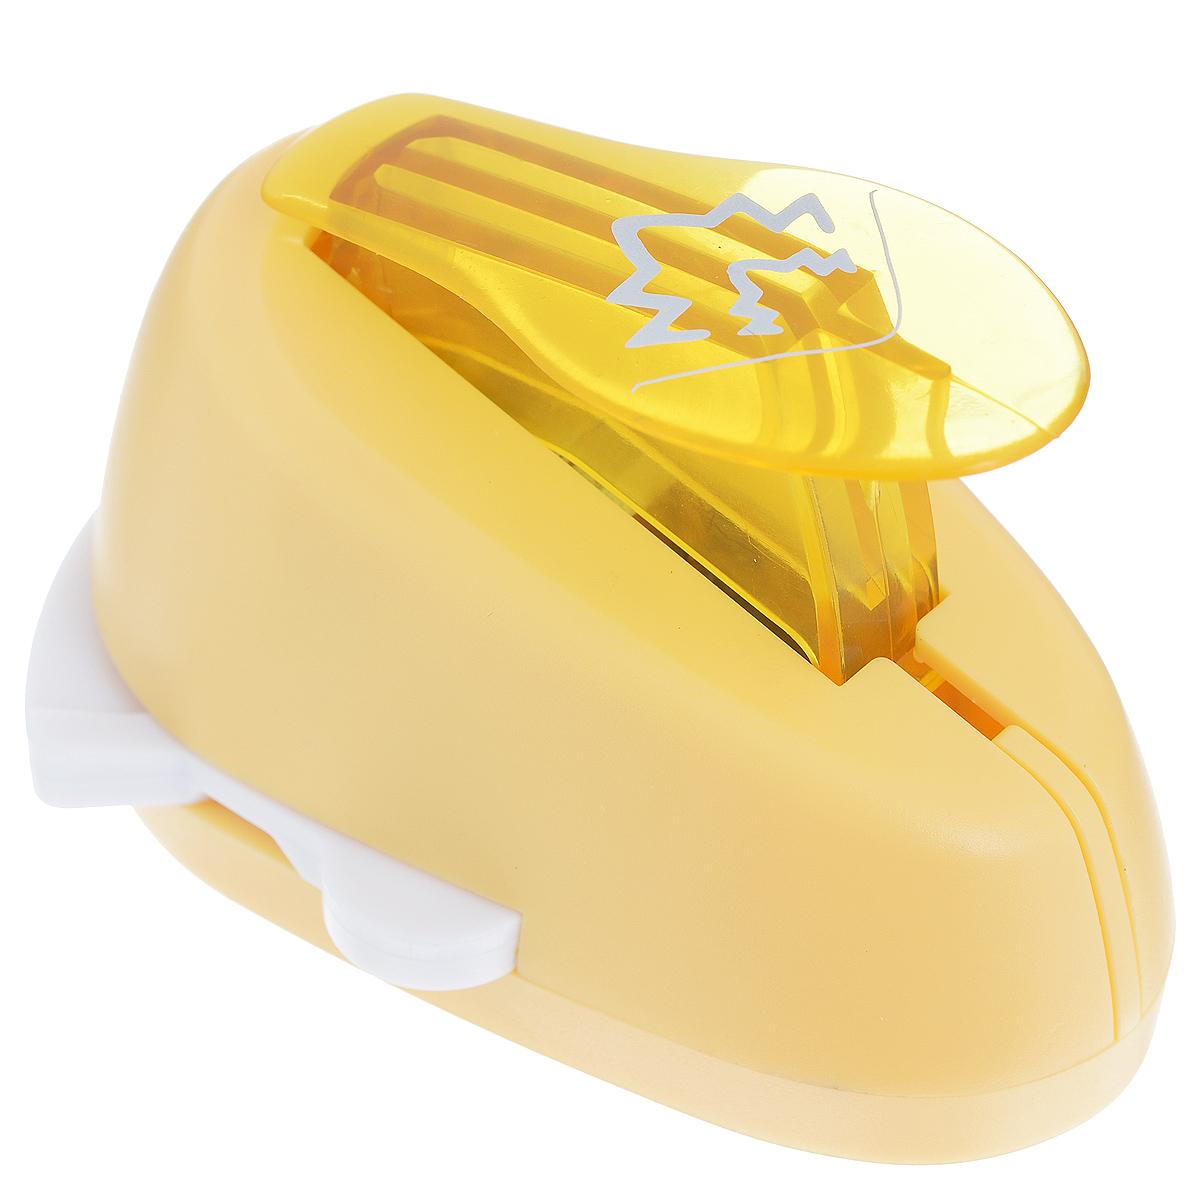 Дырокол фигурный Астра Зигзаги, угловой. CD-99MA7709609_14Дырокол Астра Зигзаги поможет вам легко, просто и аккуратно вырезать много одинаковых мелких фигурок.Режущие части компостера закрыты пластмассовым корпусом, что обеспечивает безопасность для детей. Вырезанные фигурки накапливаются в специальном резервуаре. Можно использовать вырезанные мотивы как конфетти или для наклеивания. Угловой дырокол подходит для разных техник: декупажа, скрапбукинга, декорирования.Размер дырокола: 8 см х 6 см х 5 см. Размер готовой фигурки: 2,5 см х 2 см.